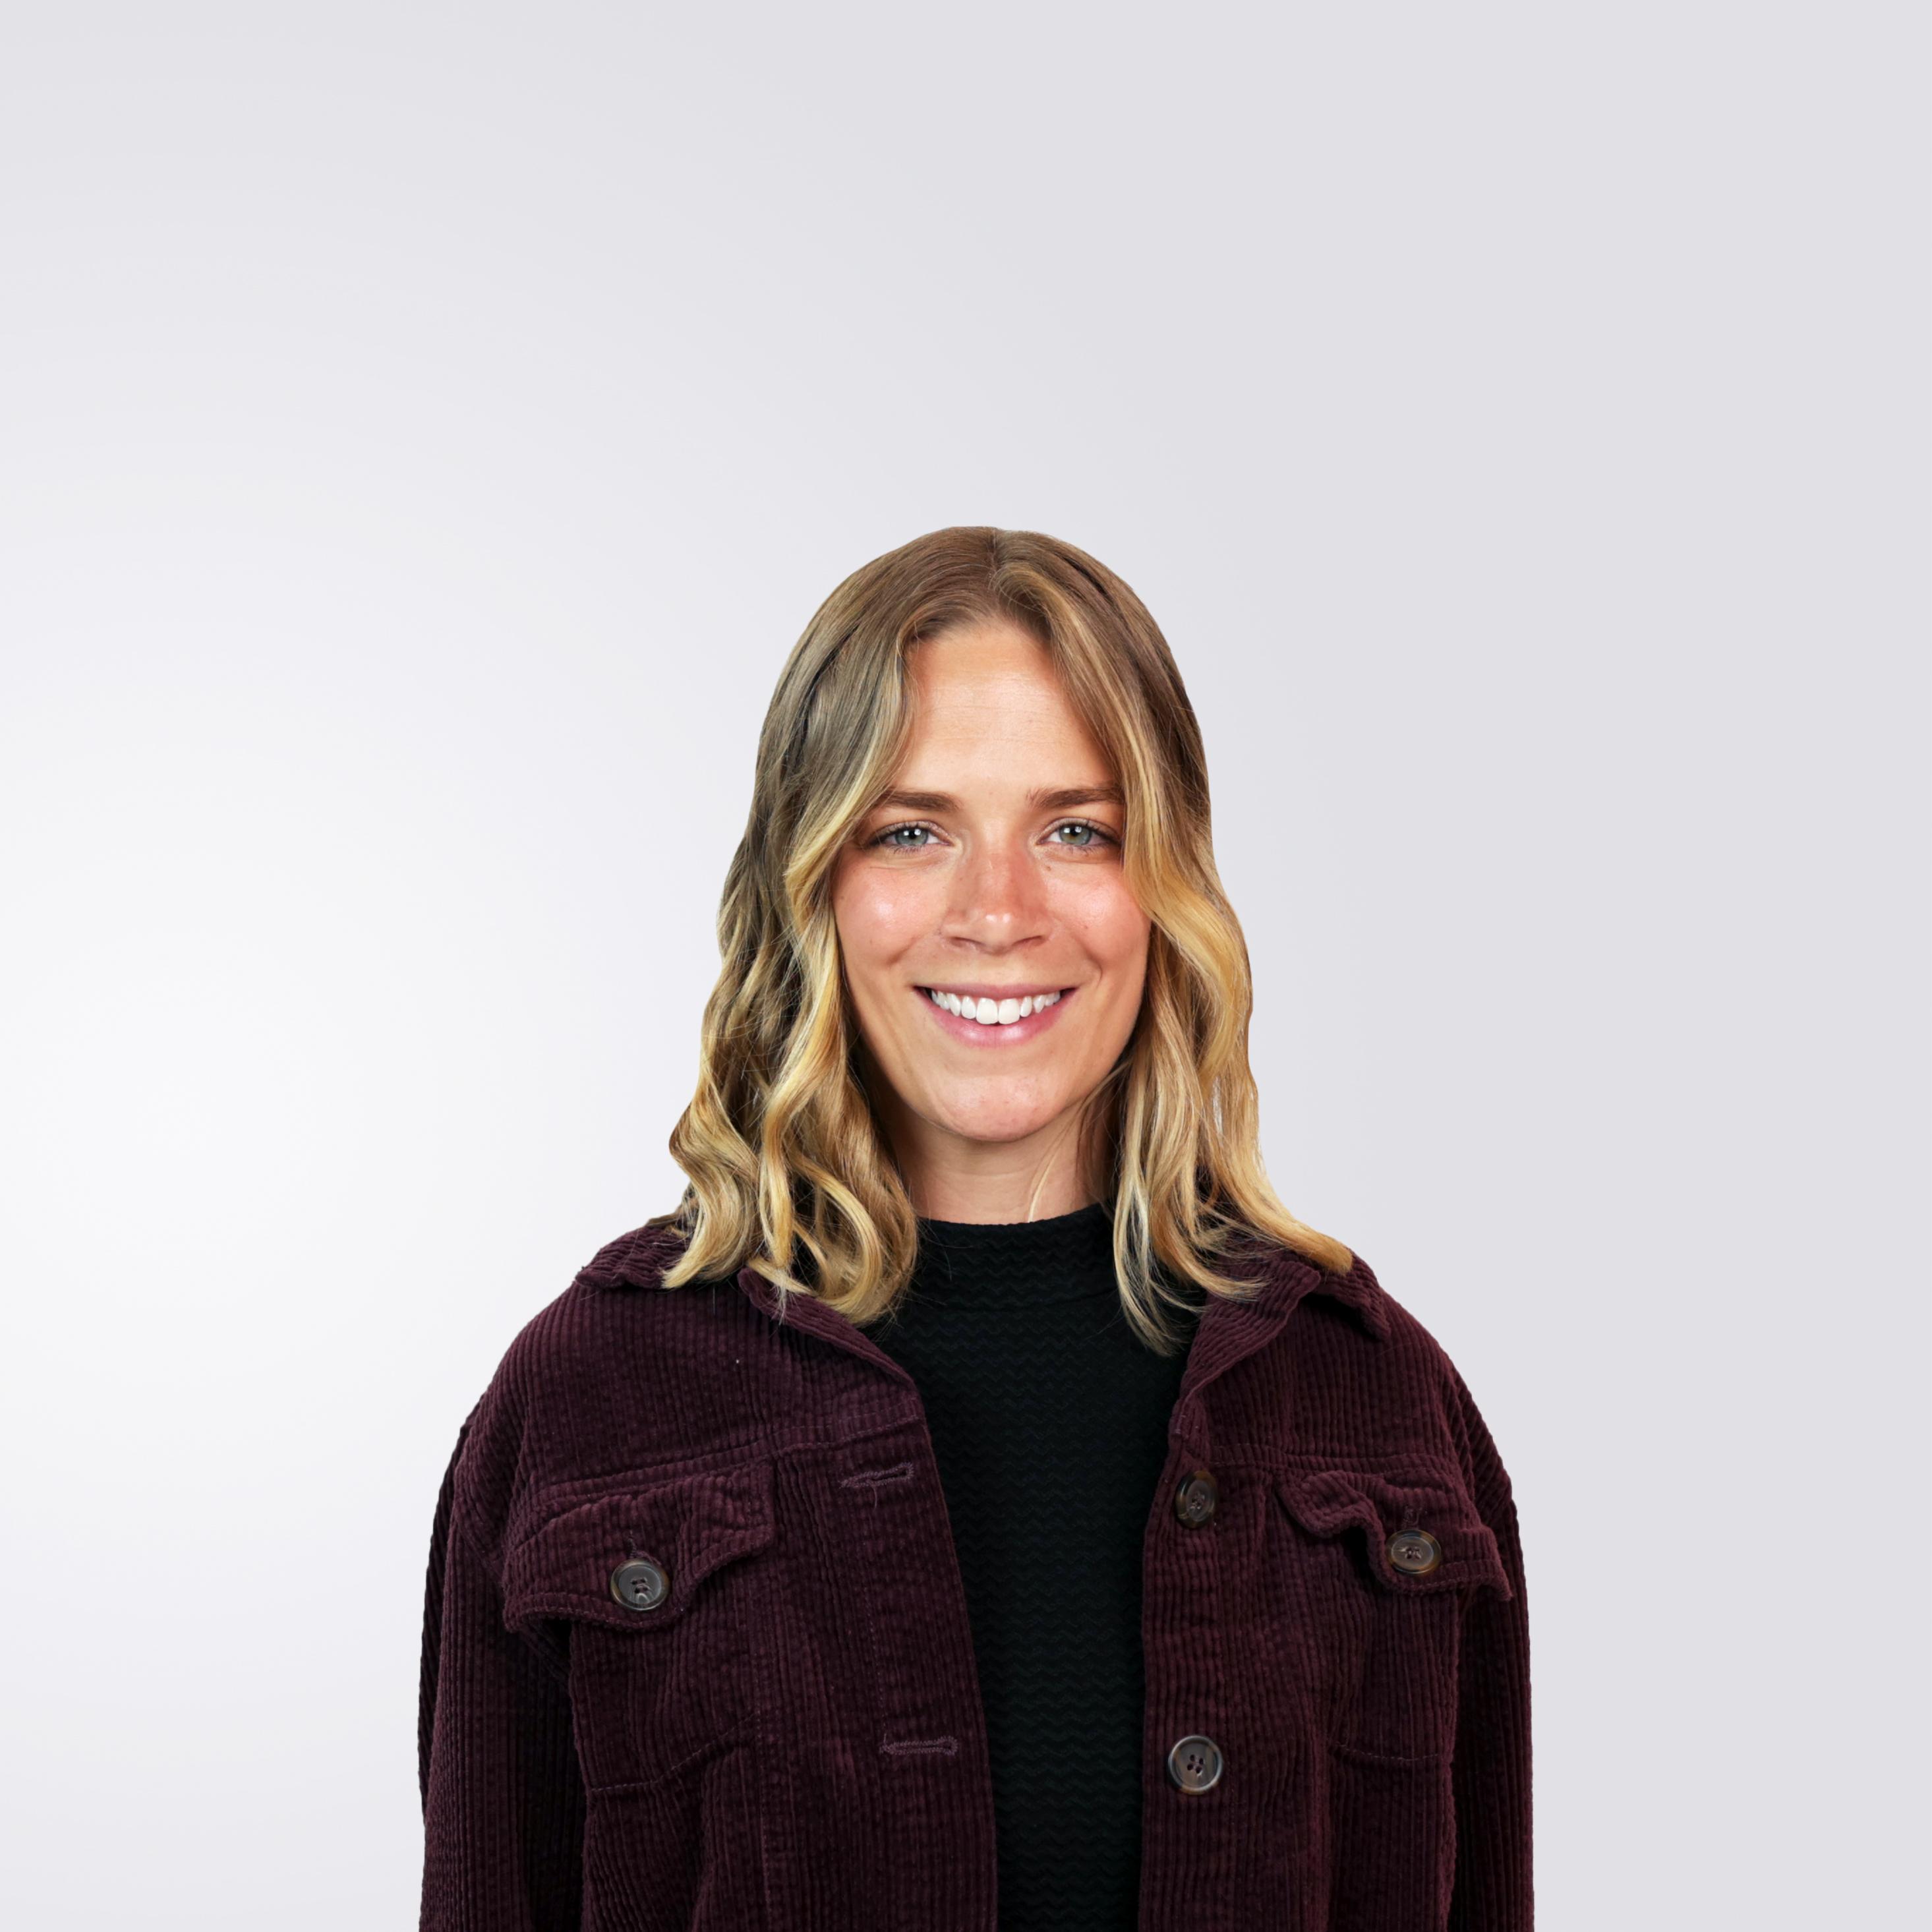 Julie Smiling